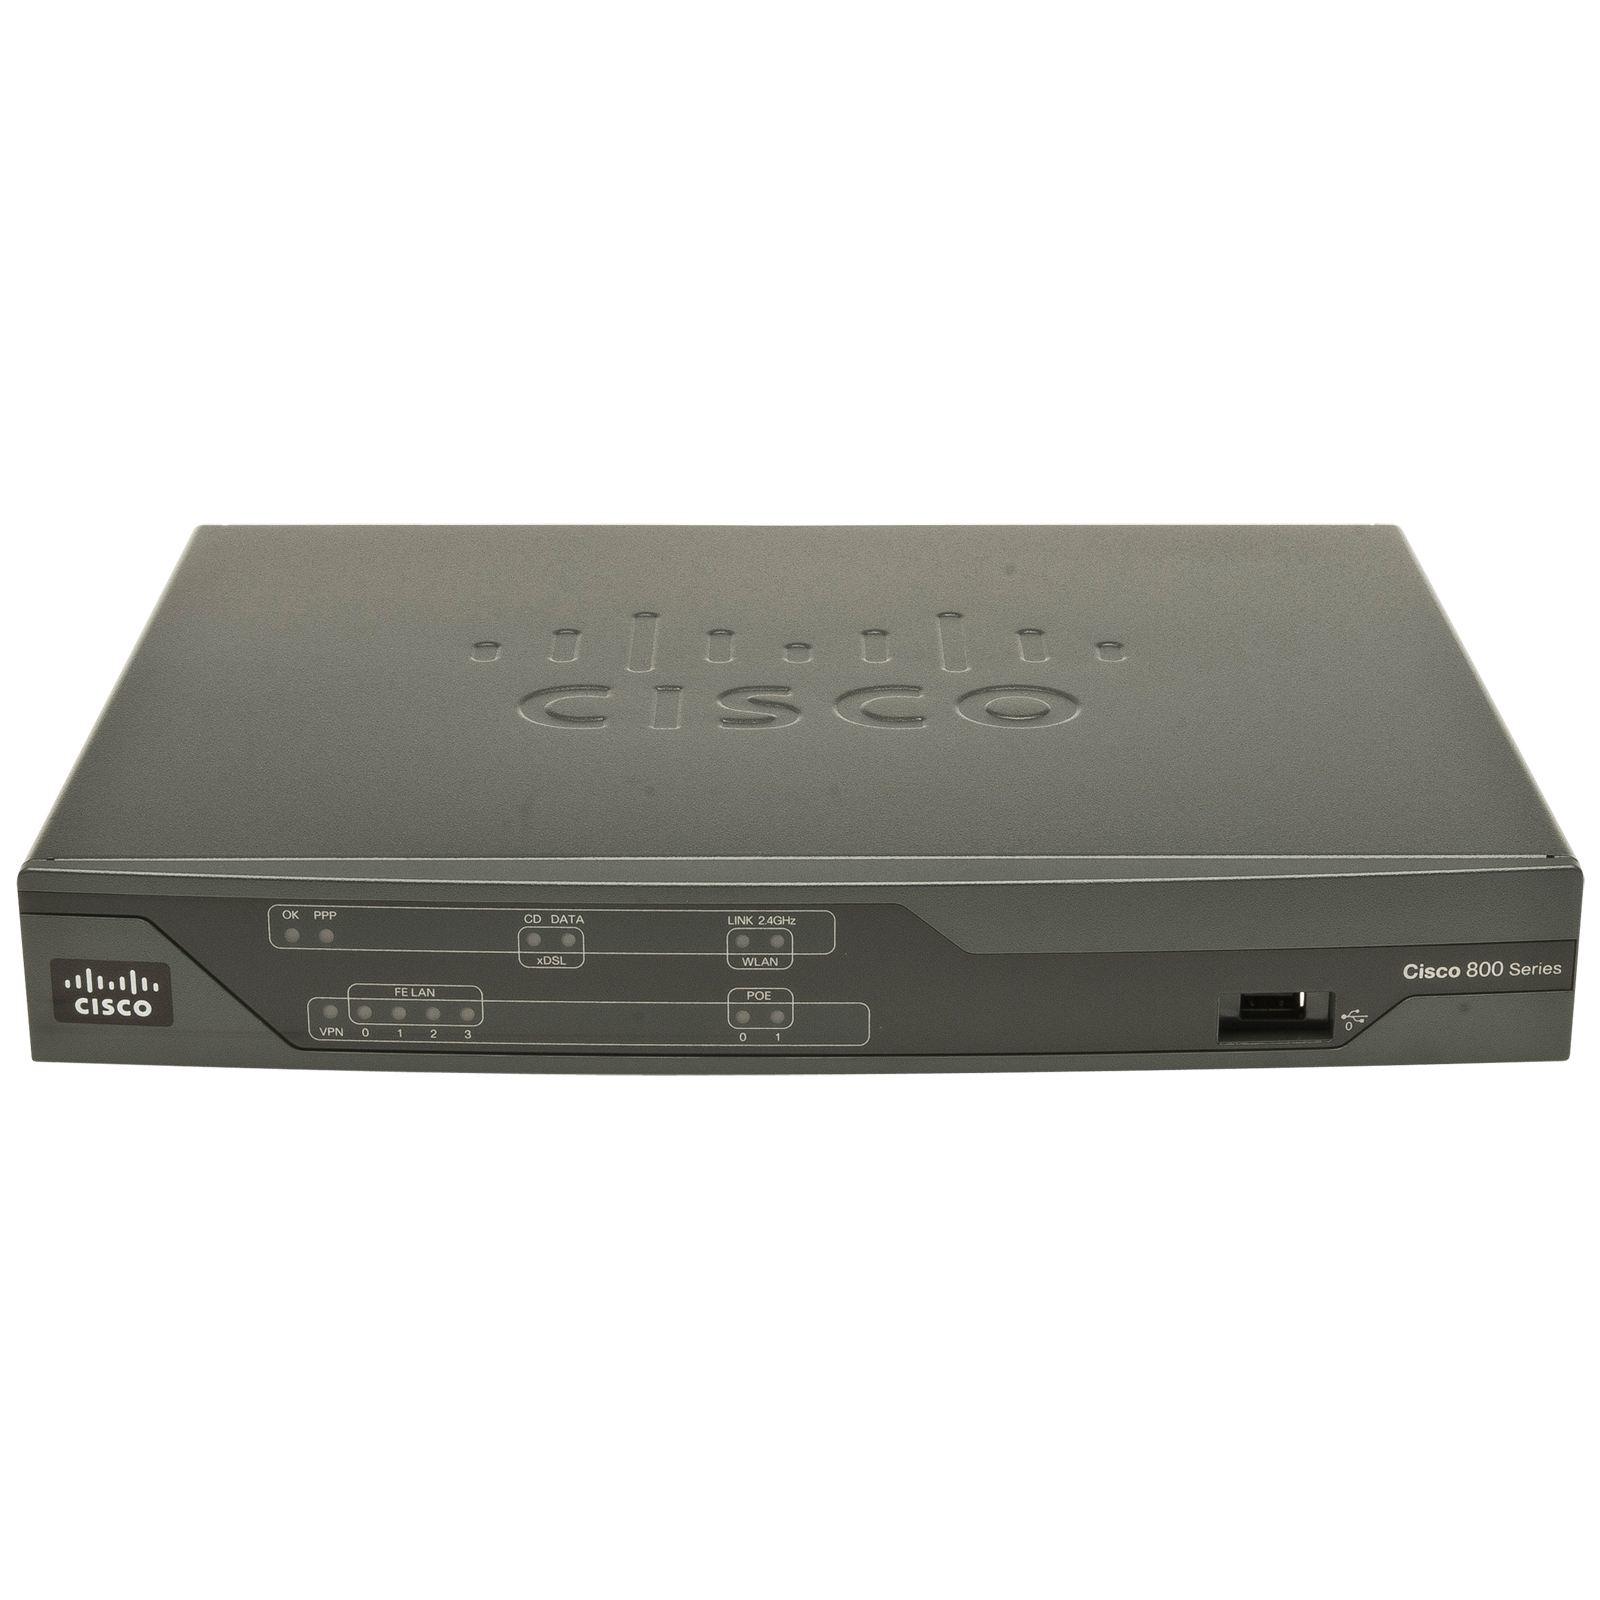 Cisco 886 VDSL/ADSL over ISDN Multi-mode Router (C886VA-K9)